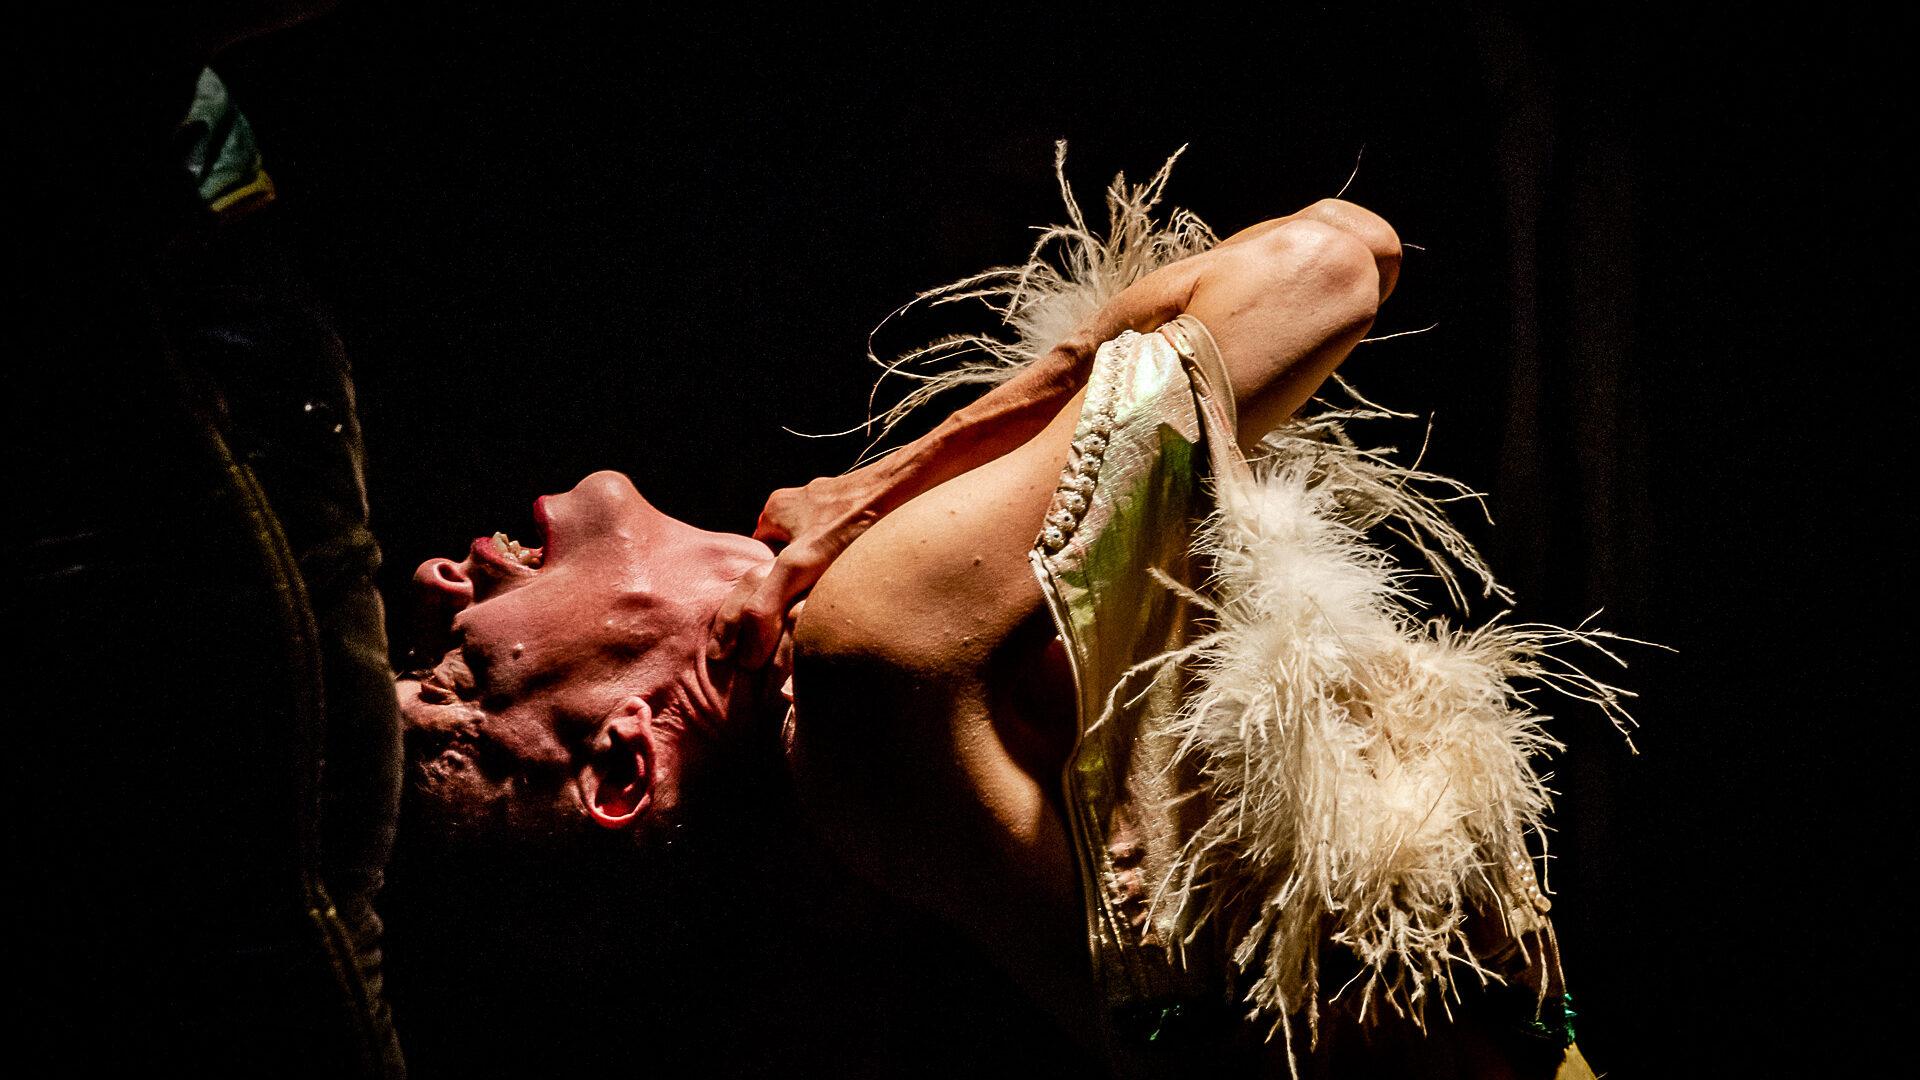 Fremd ist dein kleid (Strange is Your Dress), under the direction of Felix Ruckert at eXit'19 festival in Germany. Photo: schloss bröllin e.V. / Peter van Heesen